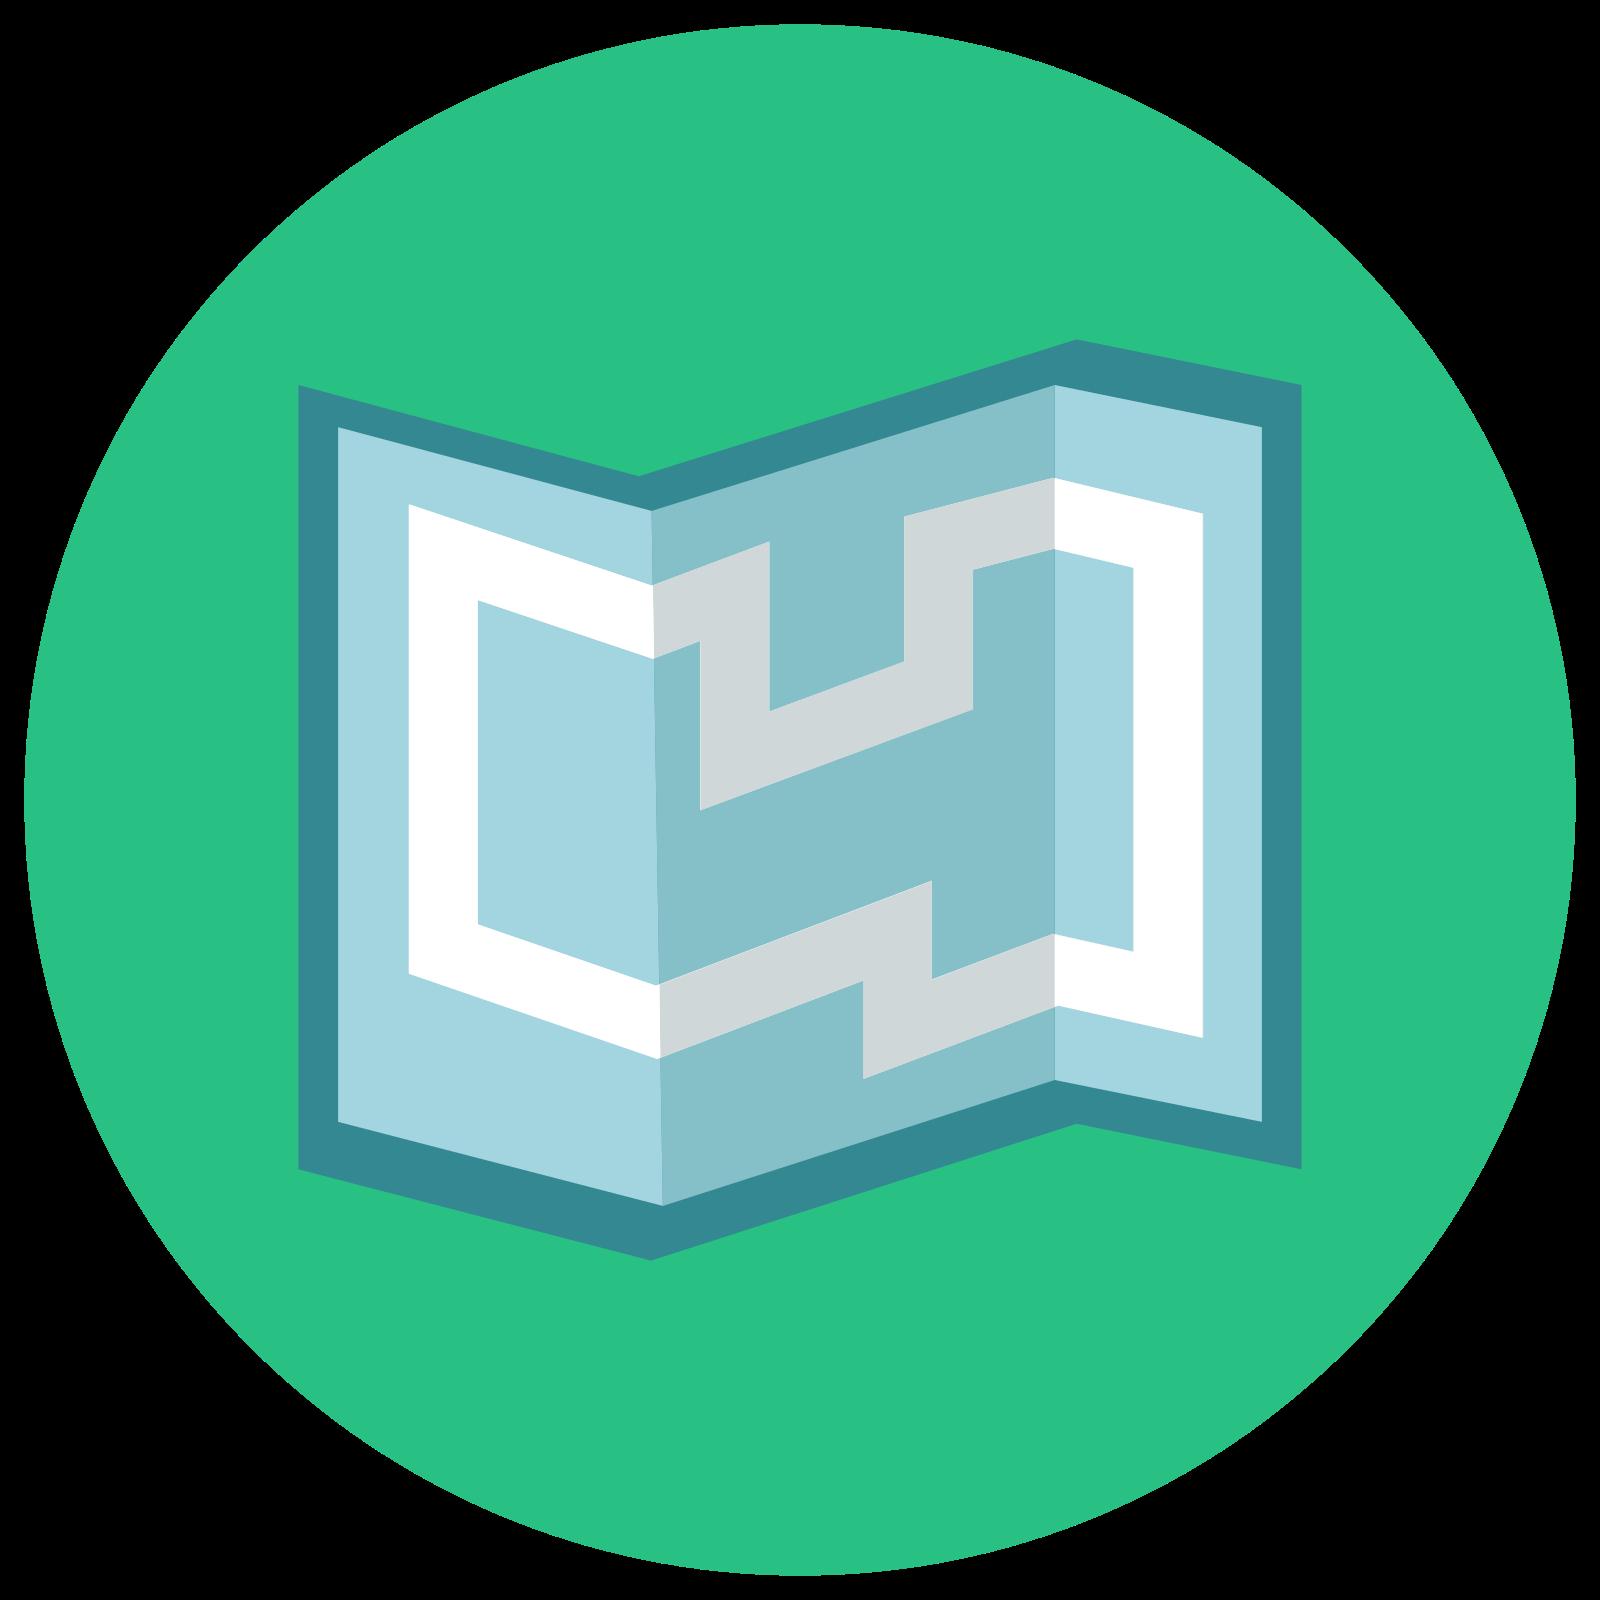 建设计划 icon